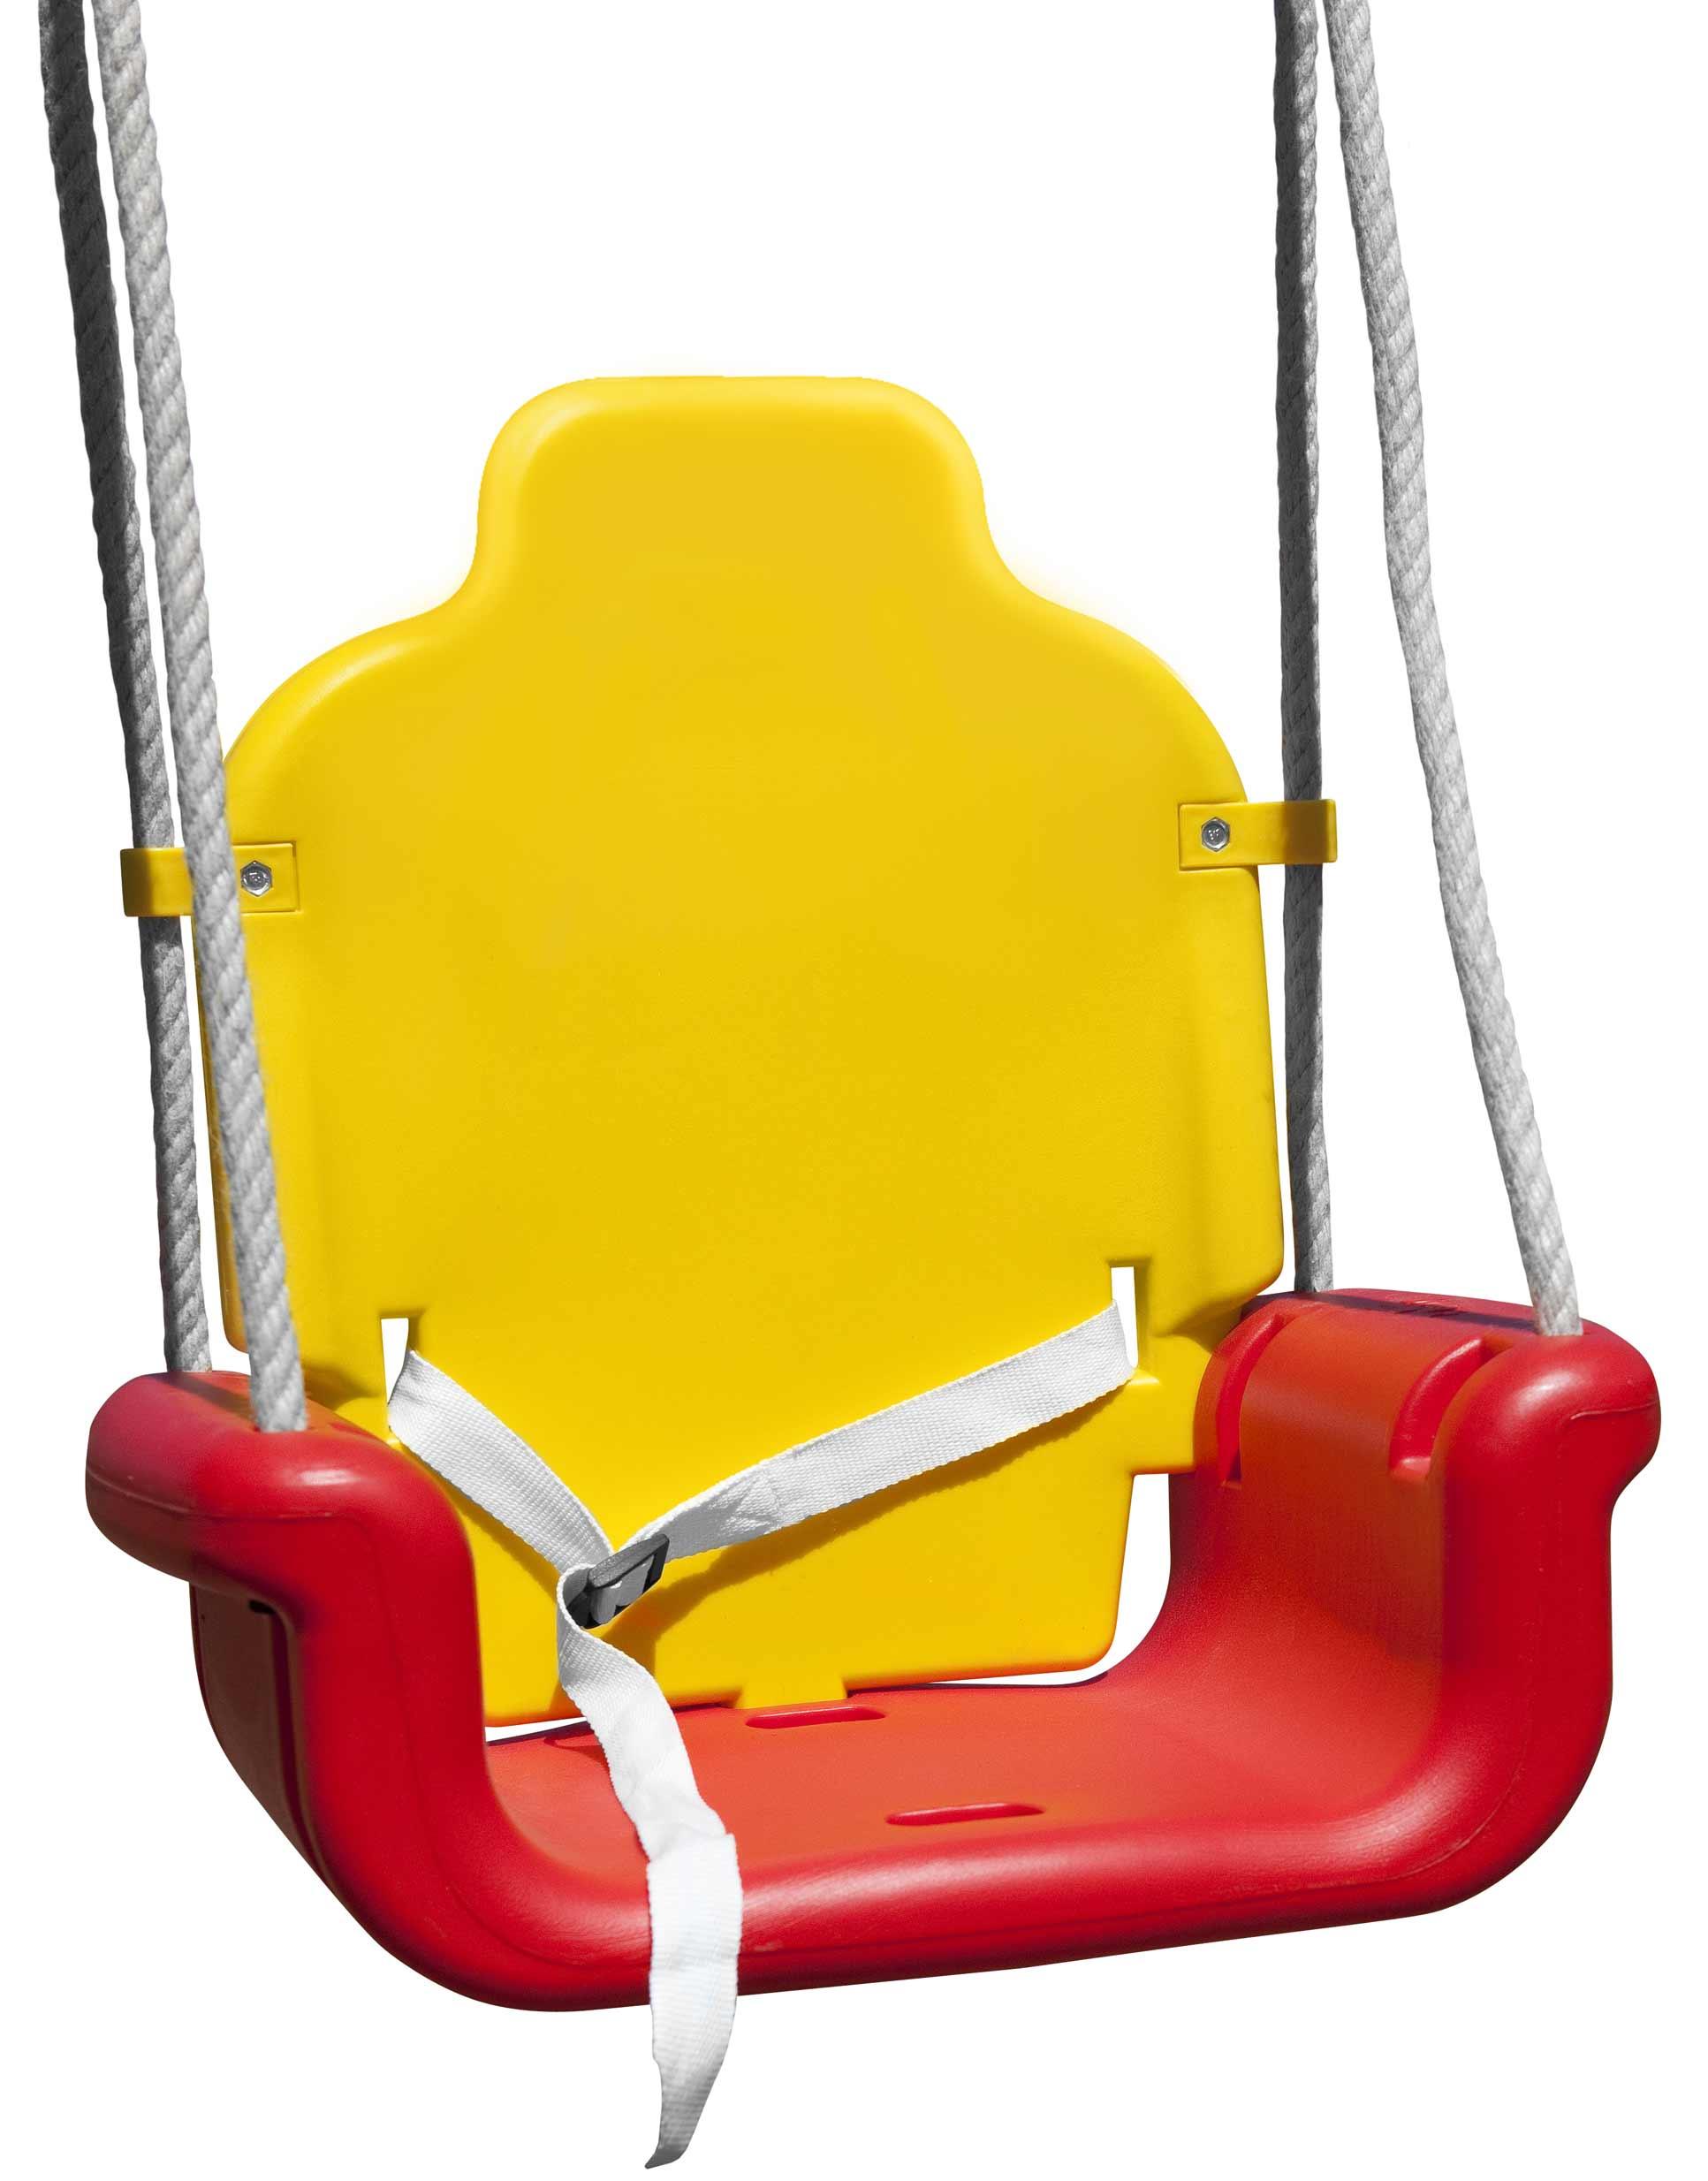 Babyschaukel Sitz Multi Play verstellbar mit Seil Bild 2